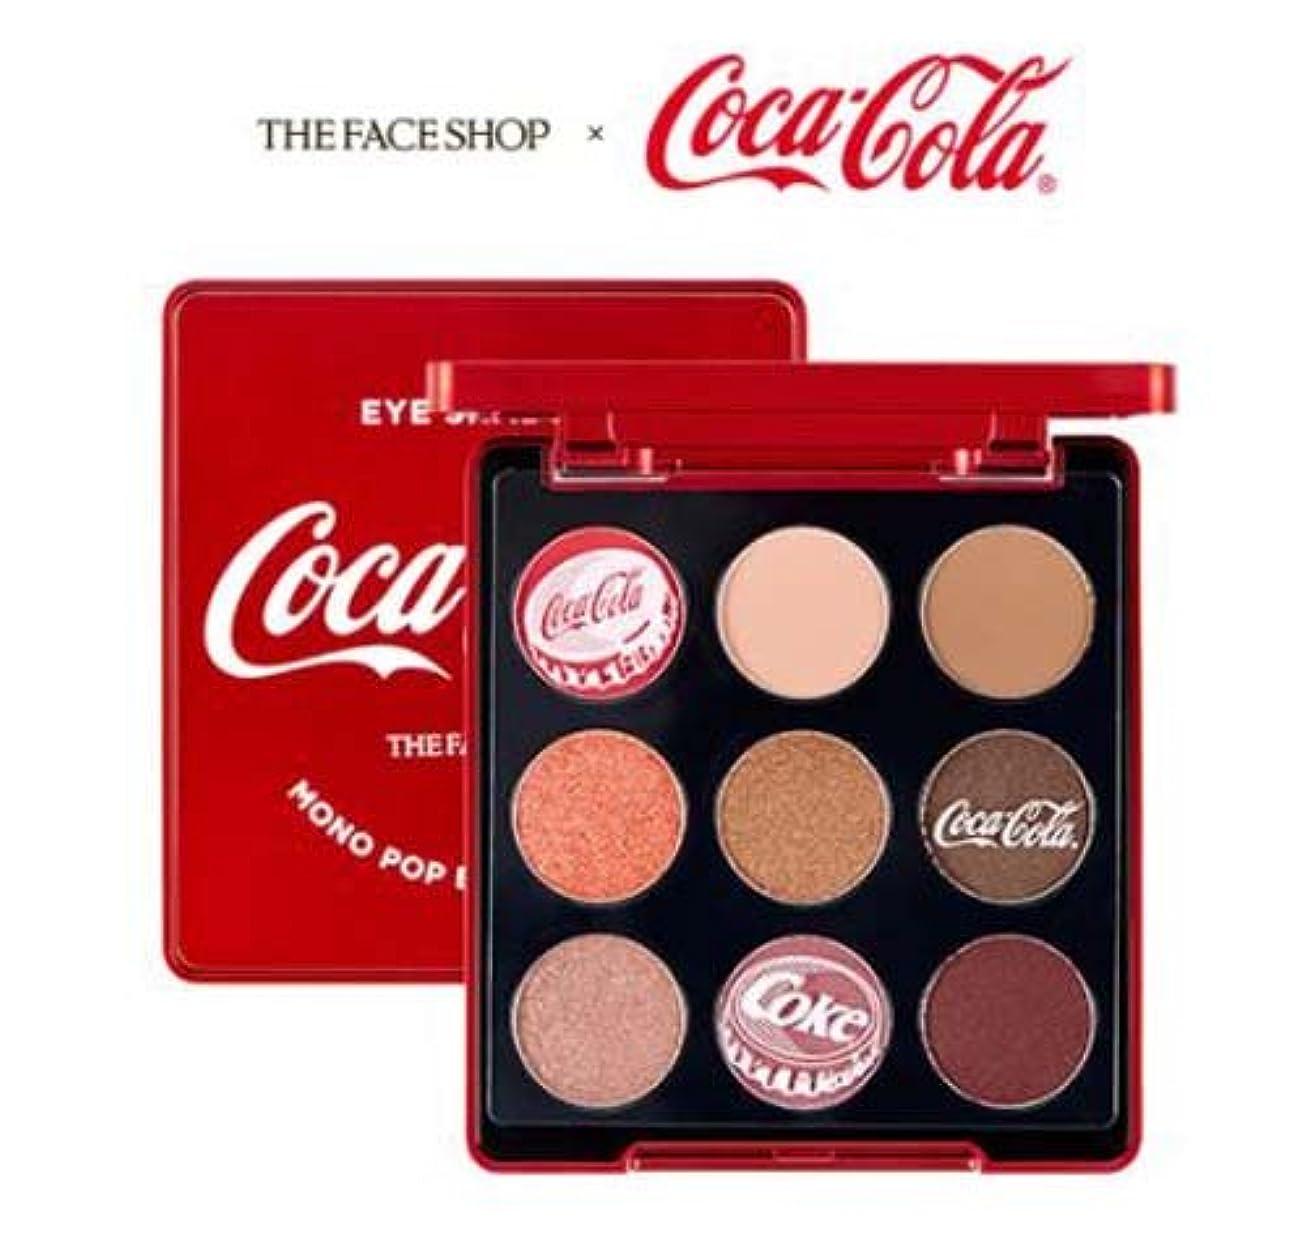 練習した曲アプローチ[ザ?フェイスショップ] THE FACE SHOP [モノ ポップ アイズ シャドーパレット(9色) - コカ?コーラ限定版] (Mono Pop Eyes - Coca Cola Edition) [海外直送品]